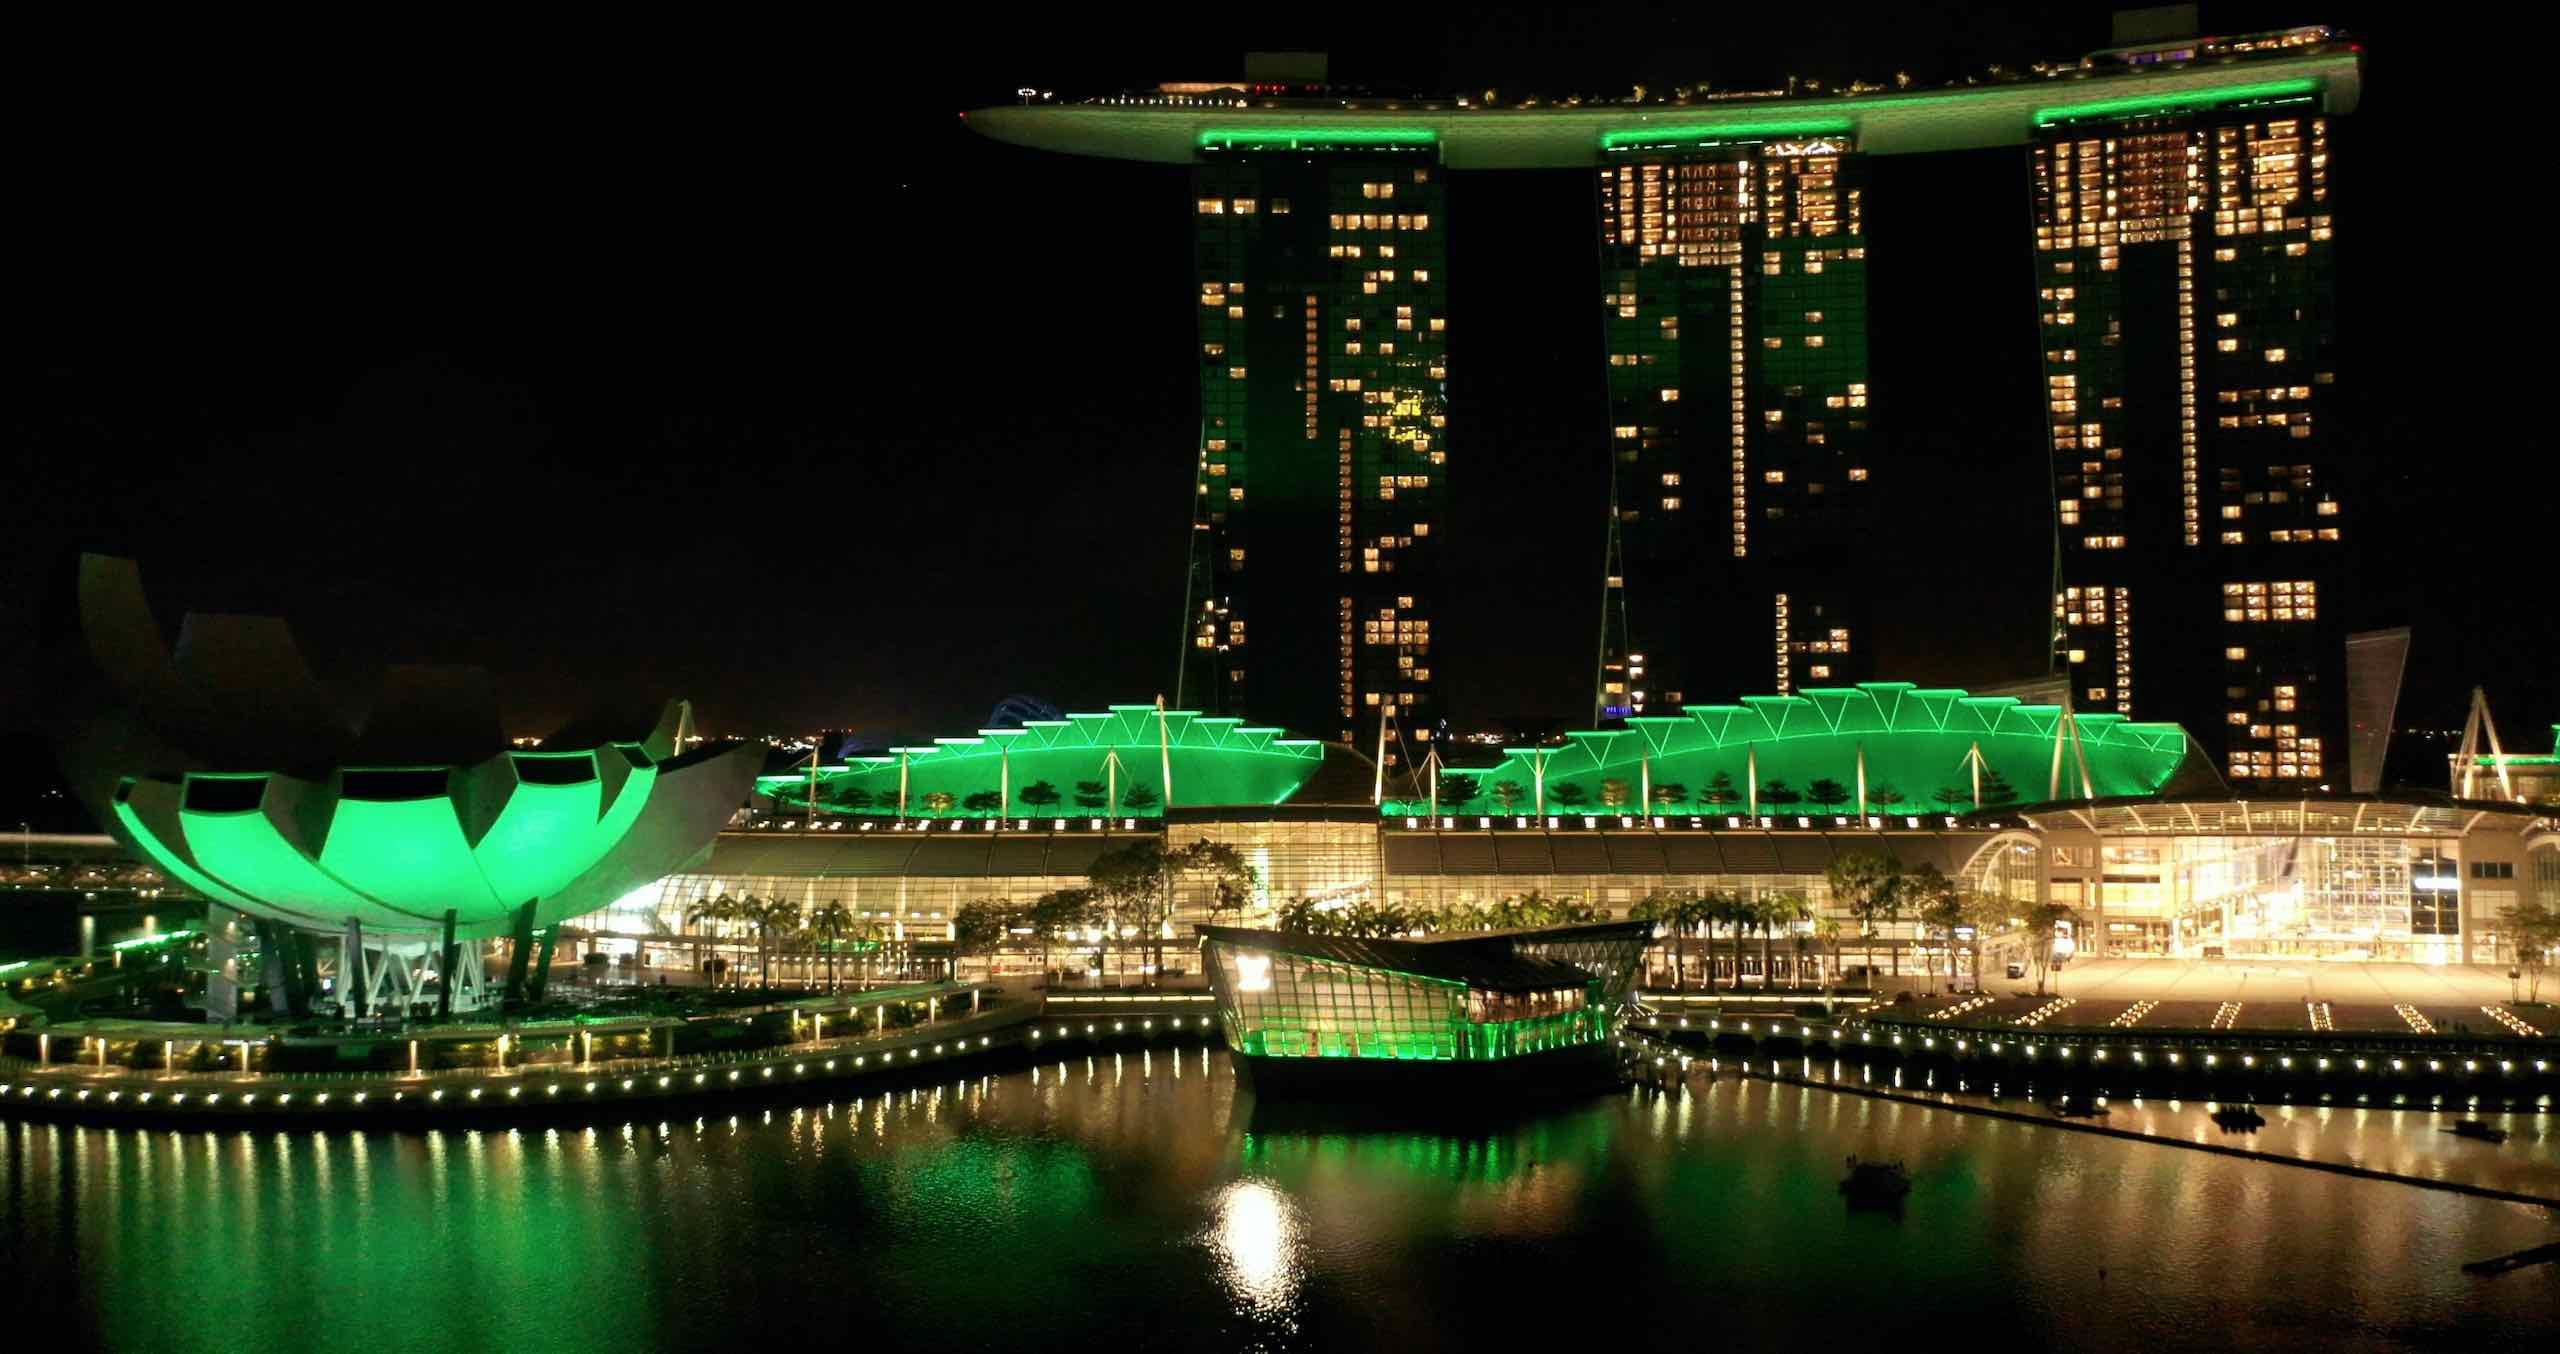 (Warna hijau yang menyelimuti eksetior dari gedung Louis Vuitton Island Maison, Marina Bay Sands, dan ArtScience Museum)